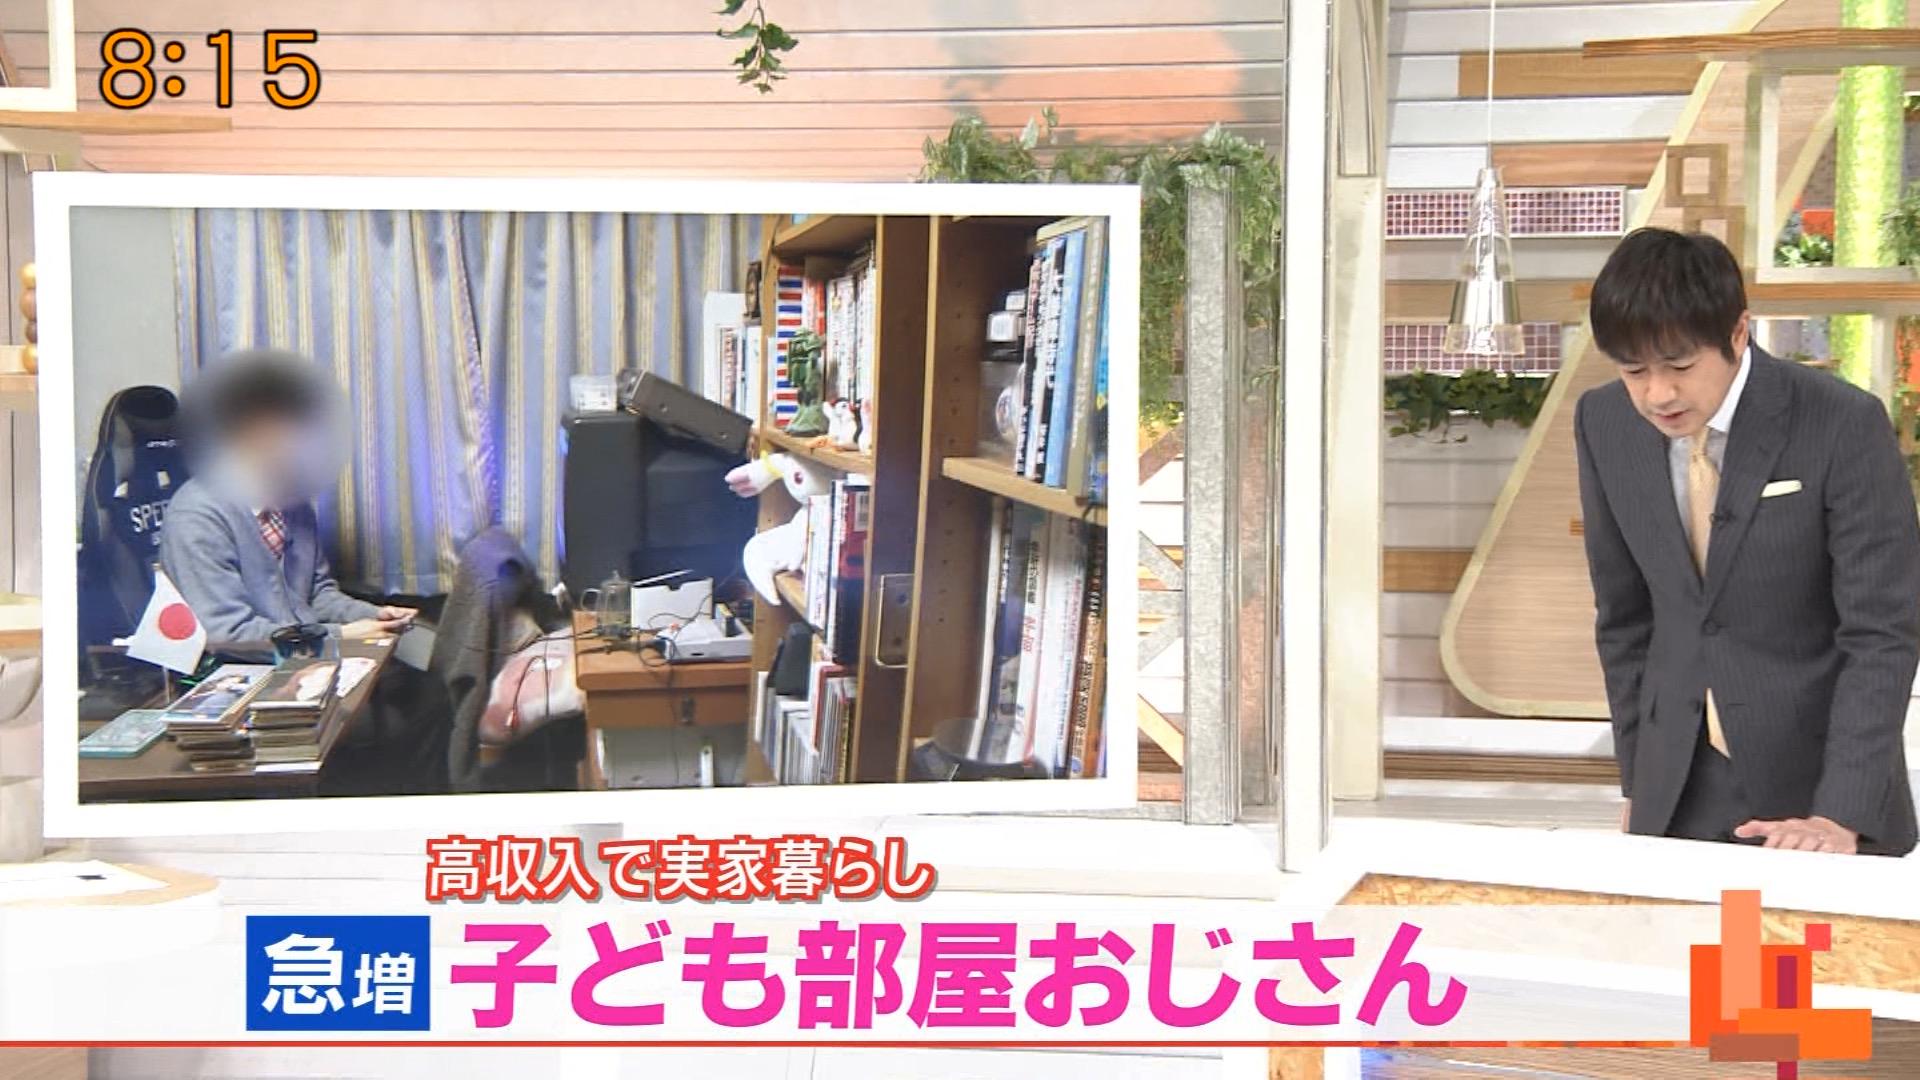 【画像】ついに地上波で子供部屋おじさんがデビューしてしまう